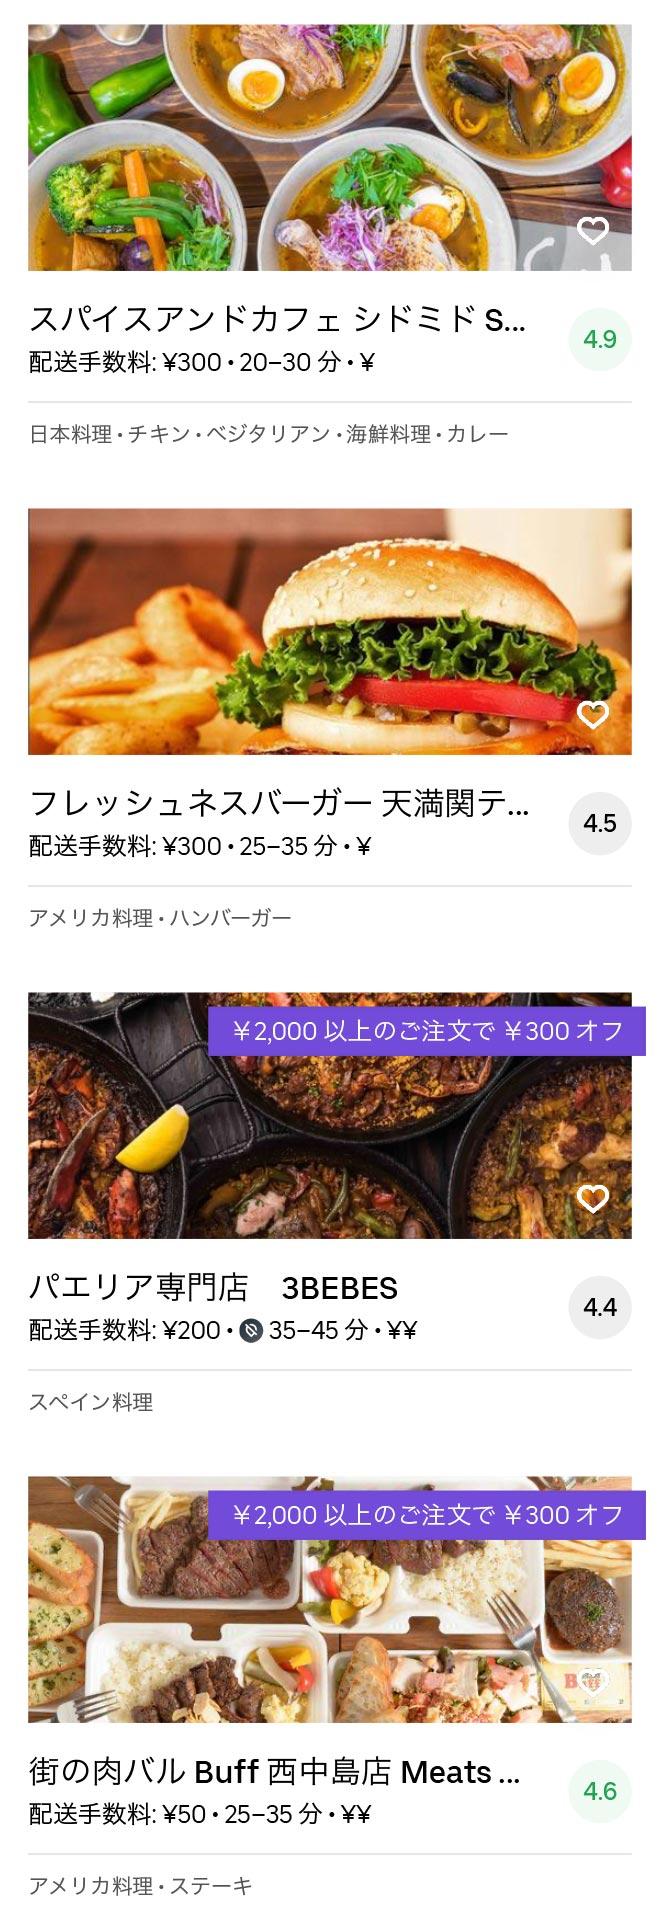 Osaka shin osaka menu 2005 11